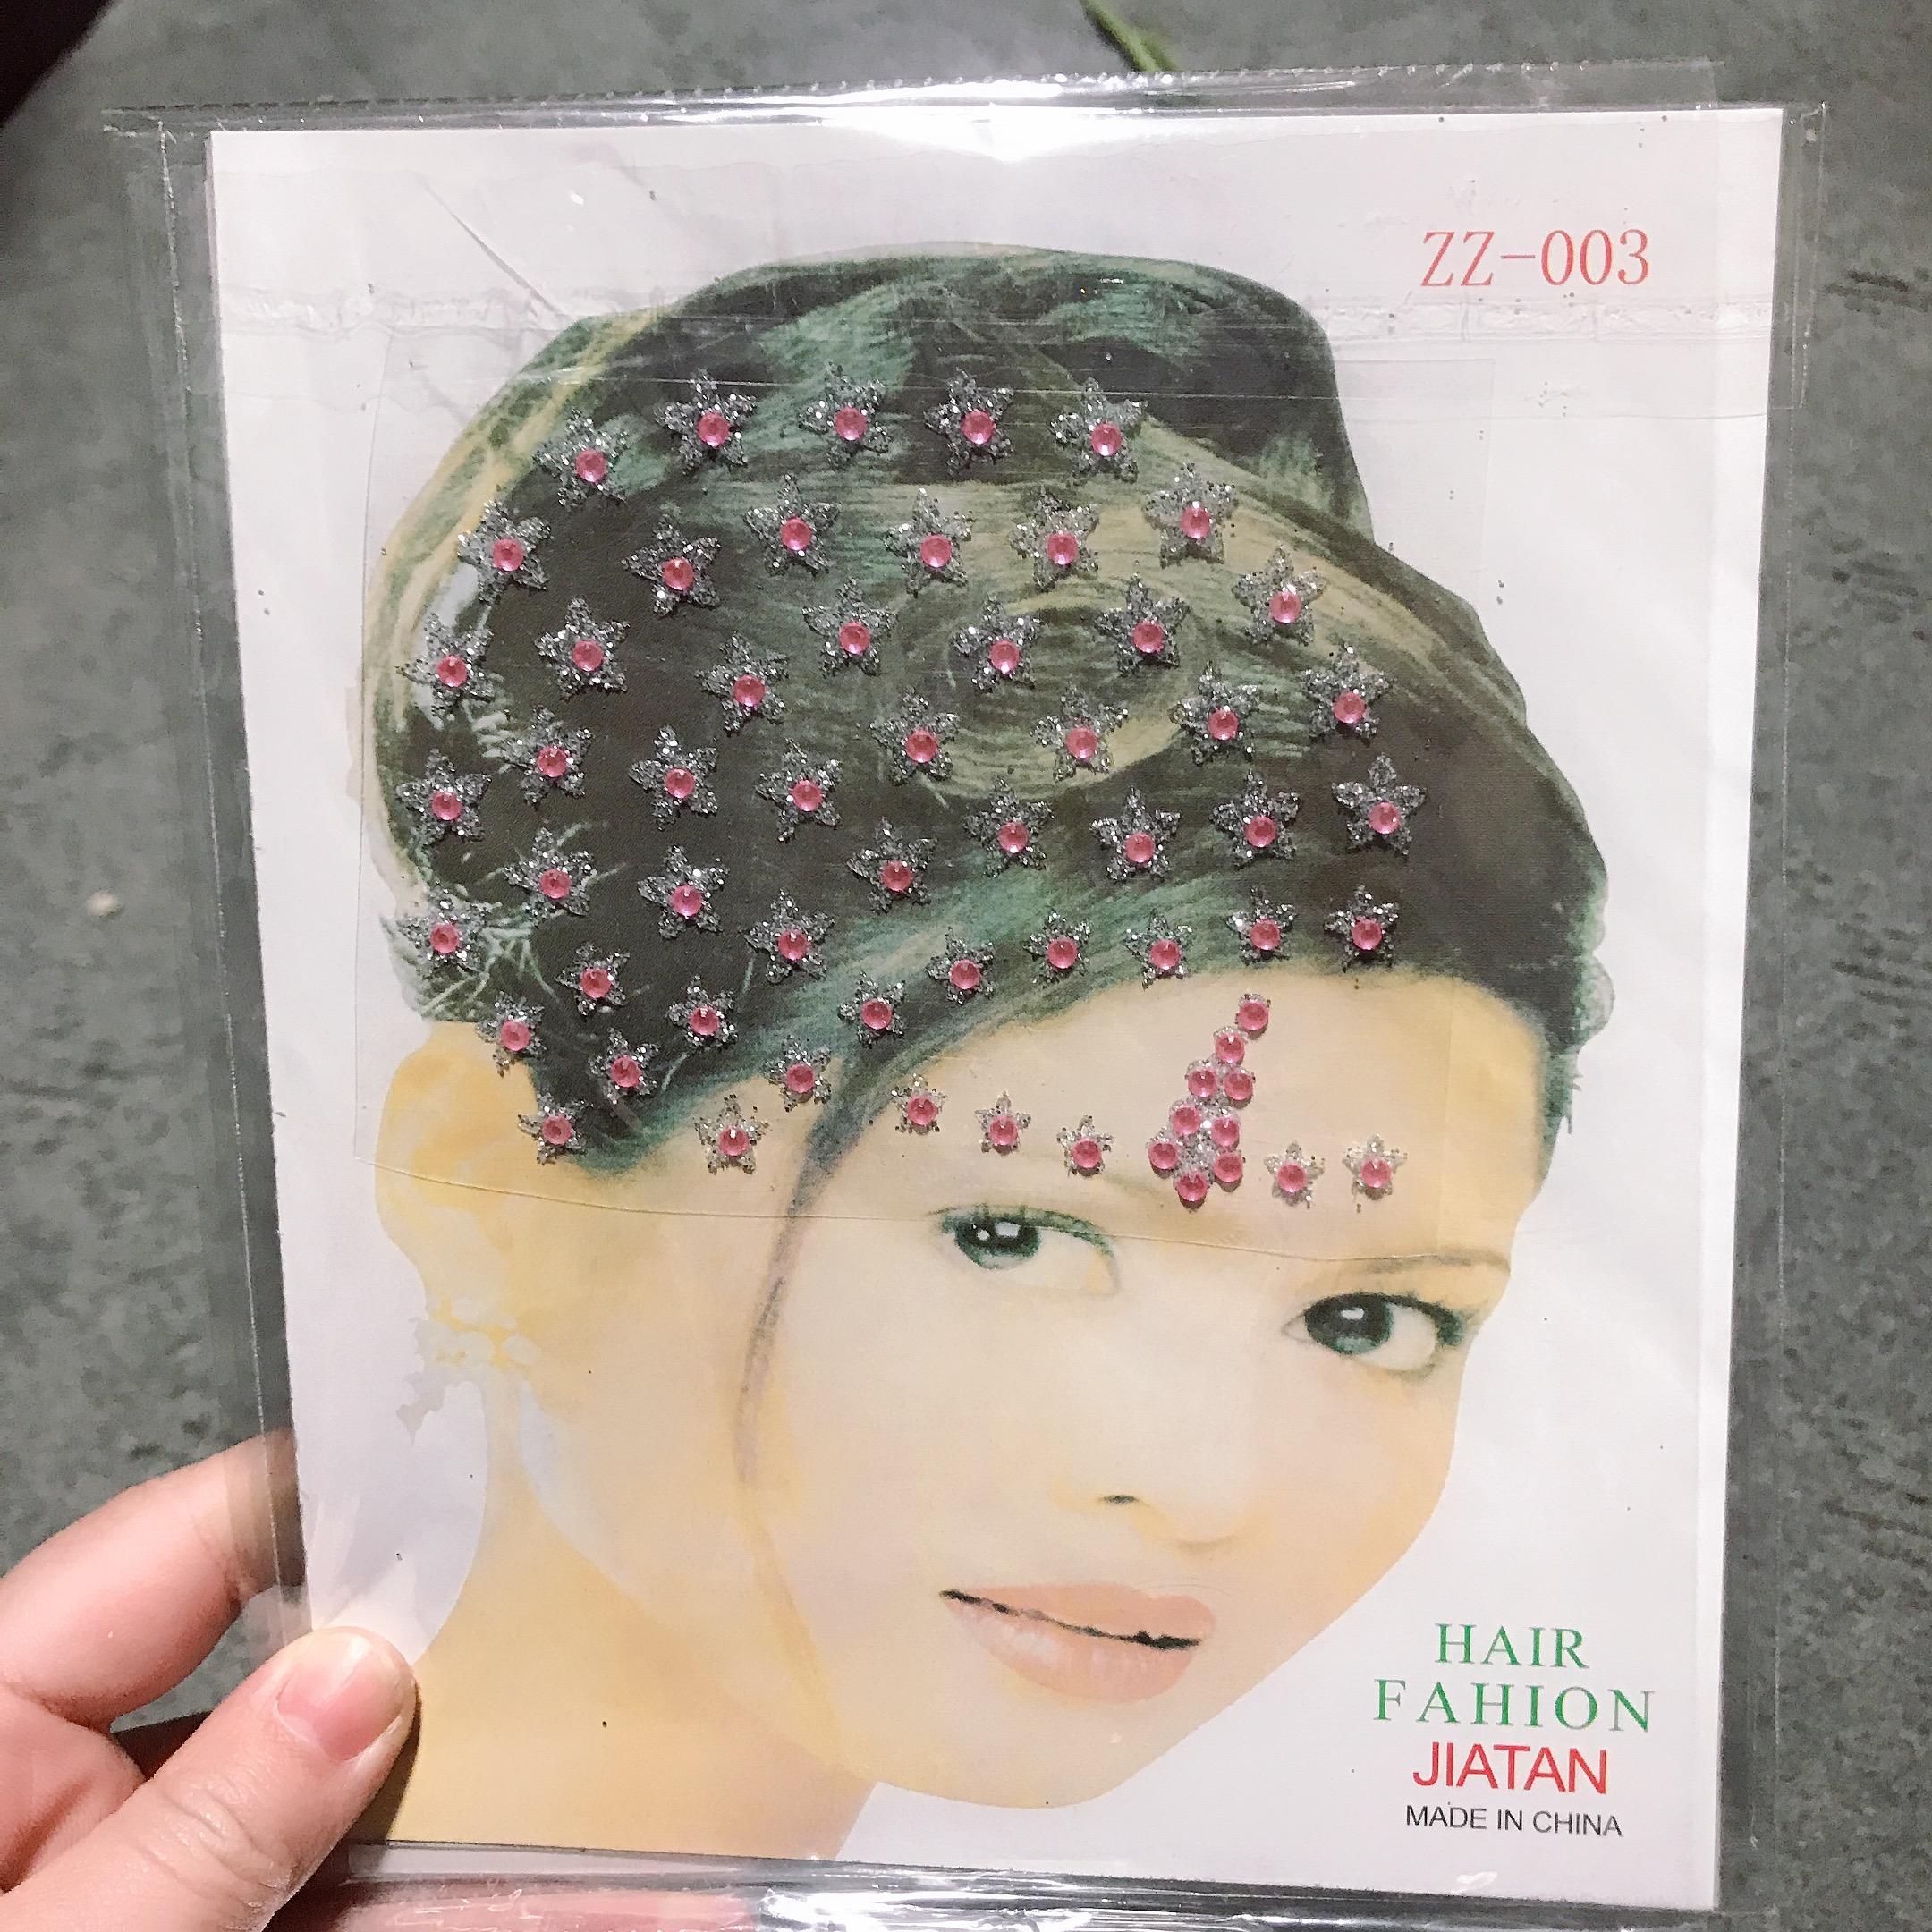 Декоративная наклейка для волос, наклейка для волос со стразами, рекламная наклейка для волос